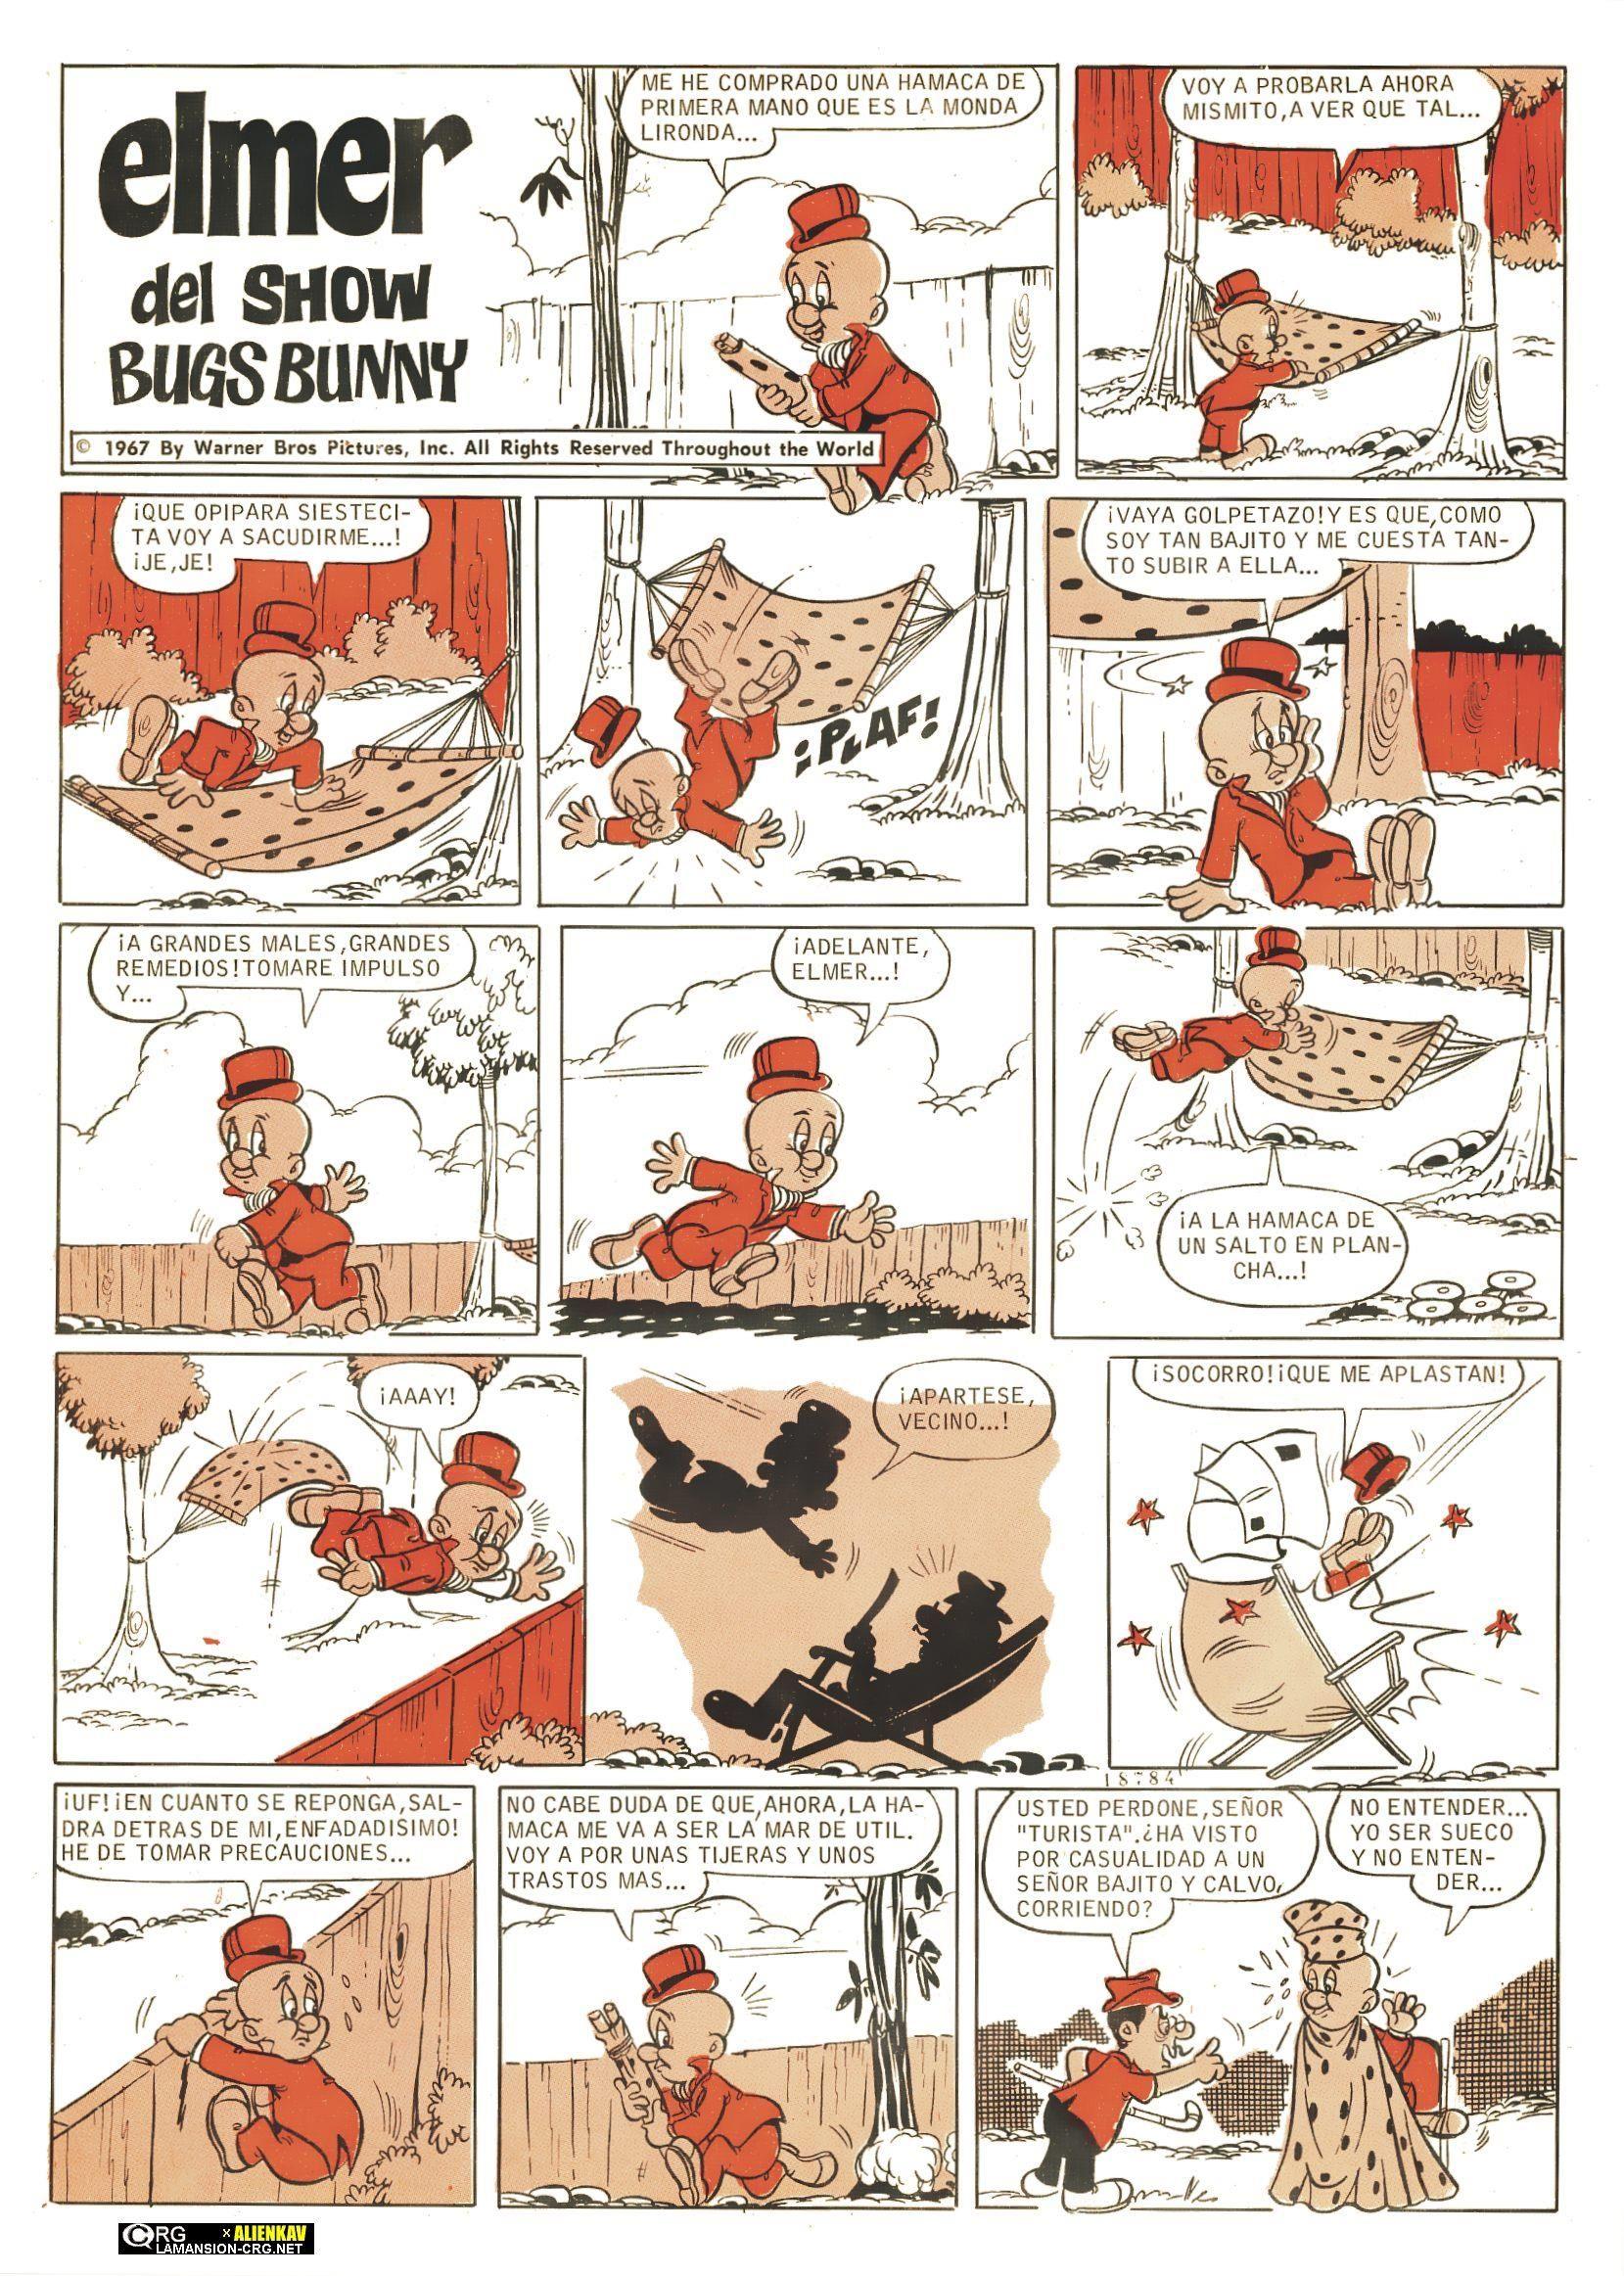 Elmer Grunon Elmer Fudd En Ingles Es Un Personaje Ficticio De